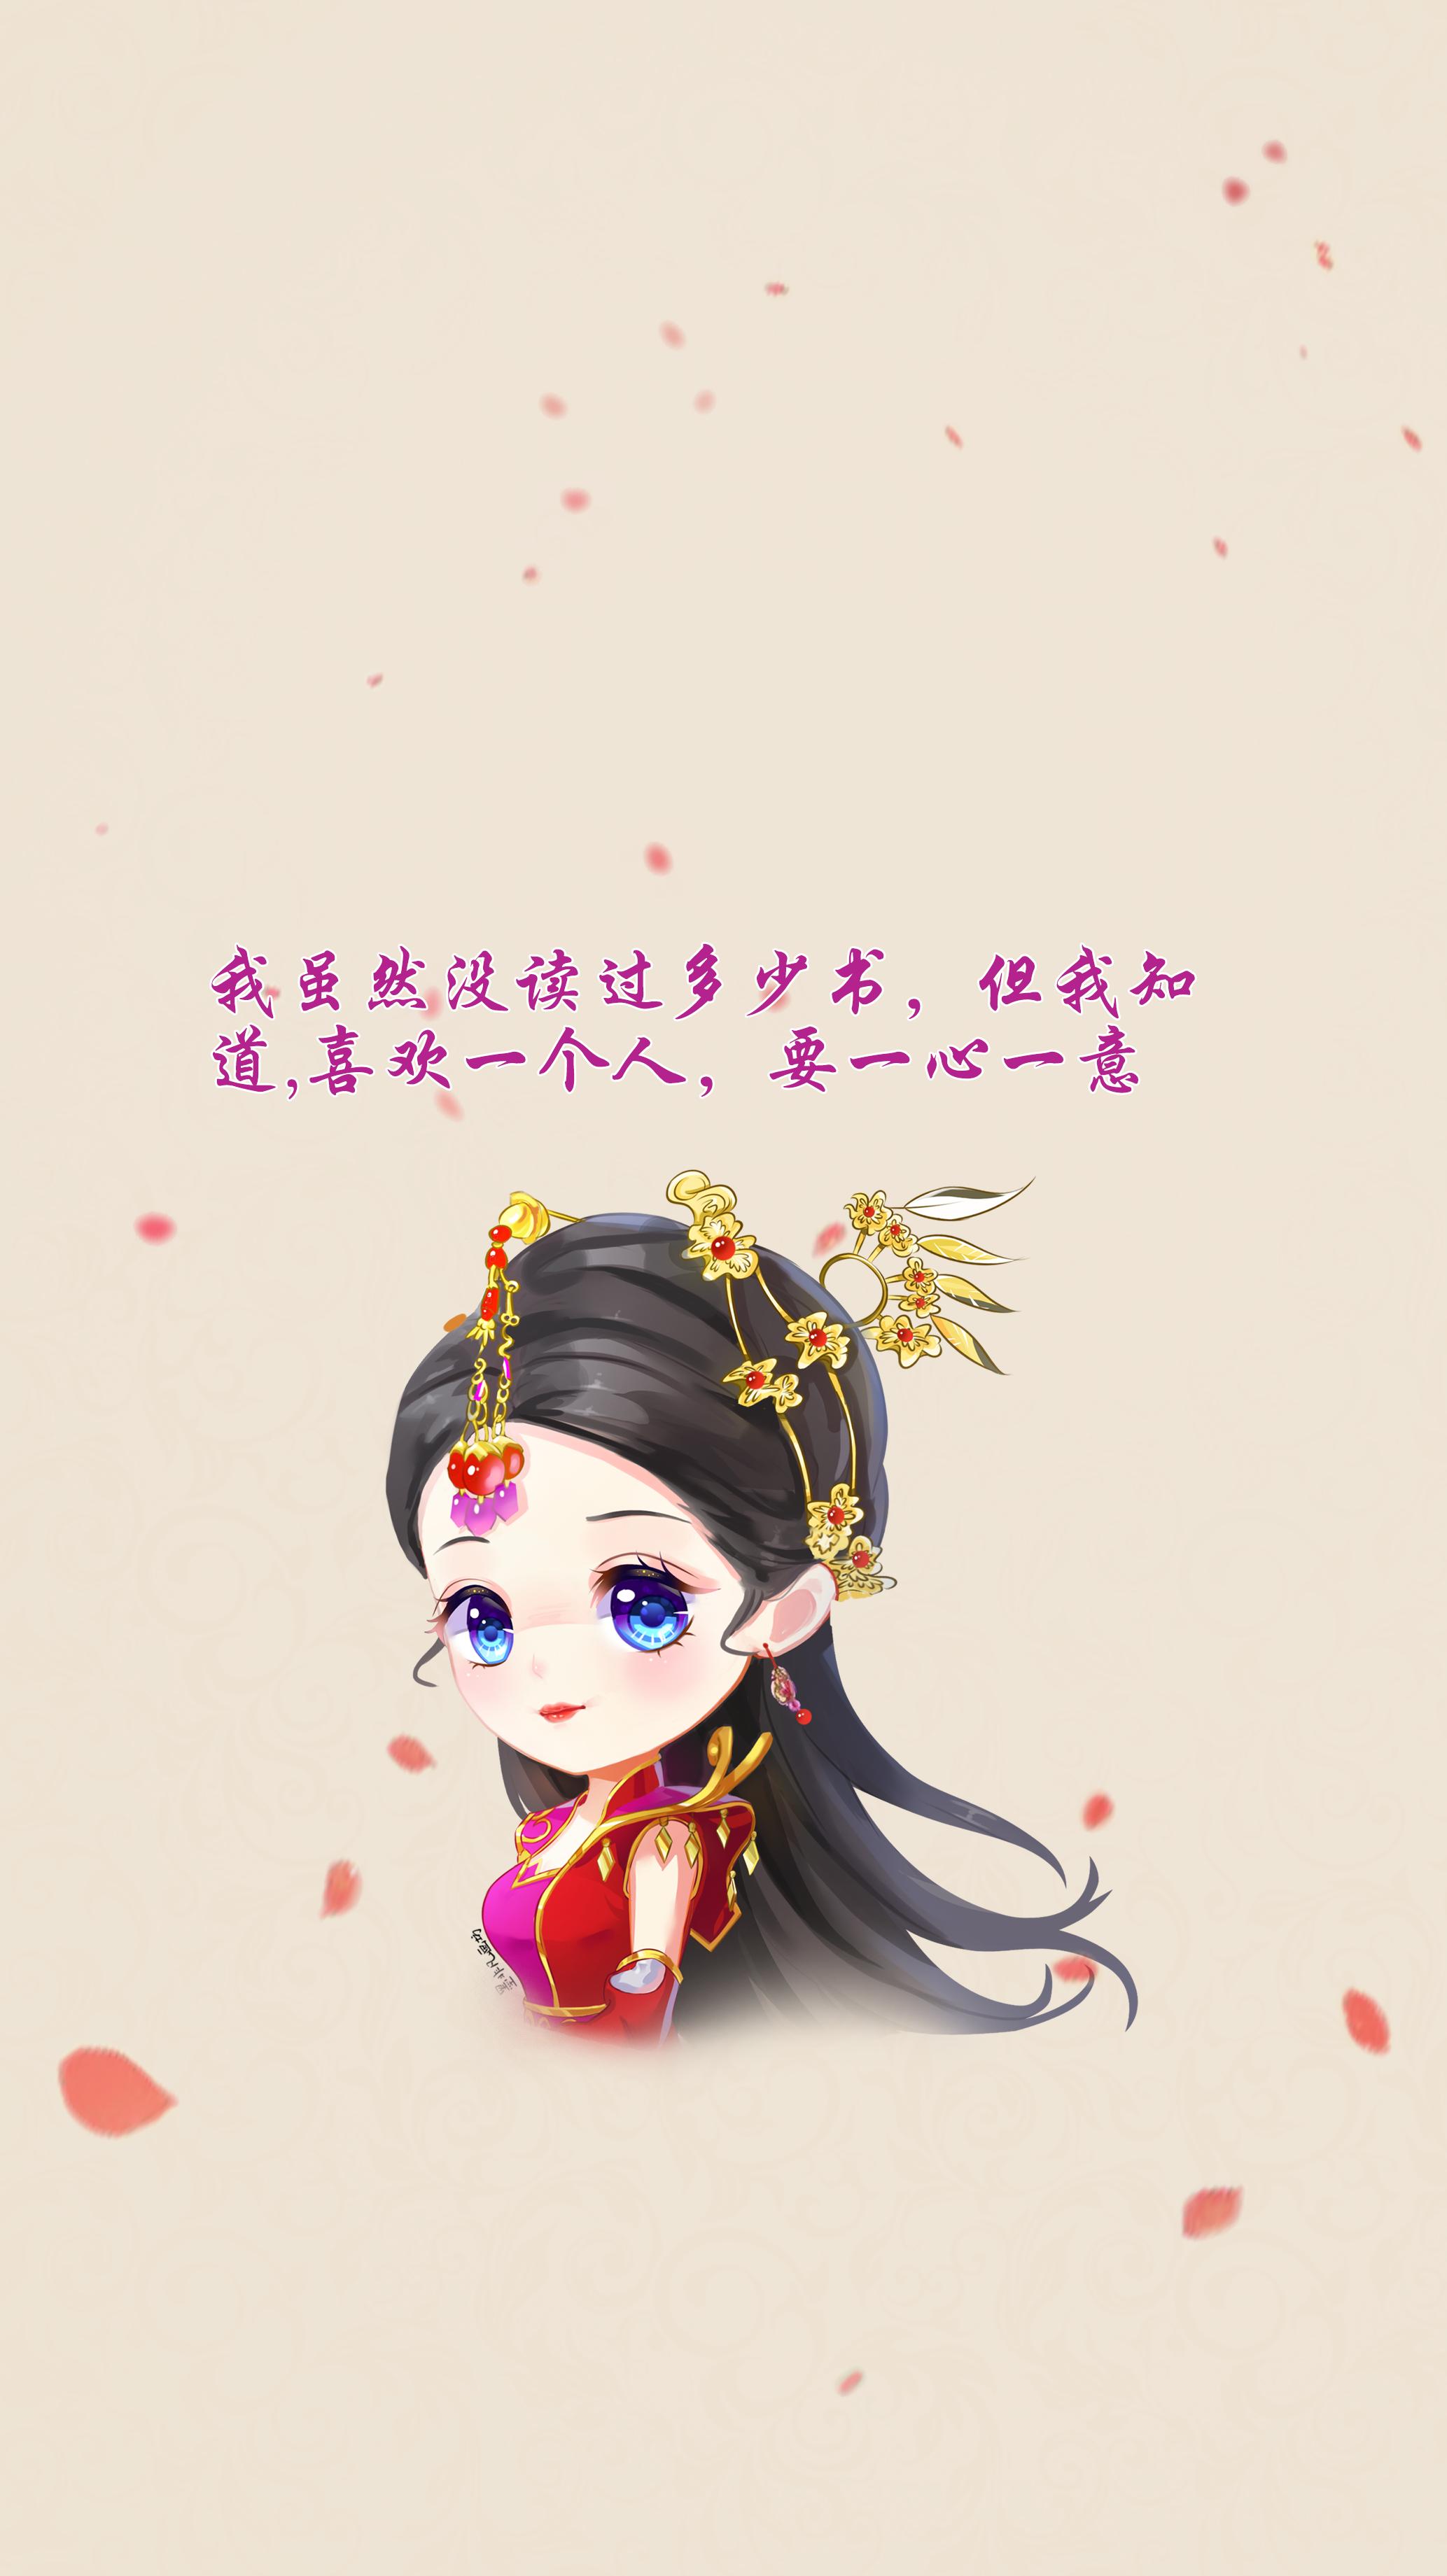 杨幂扶摇q版壁纸【墨非凡画坊】